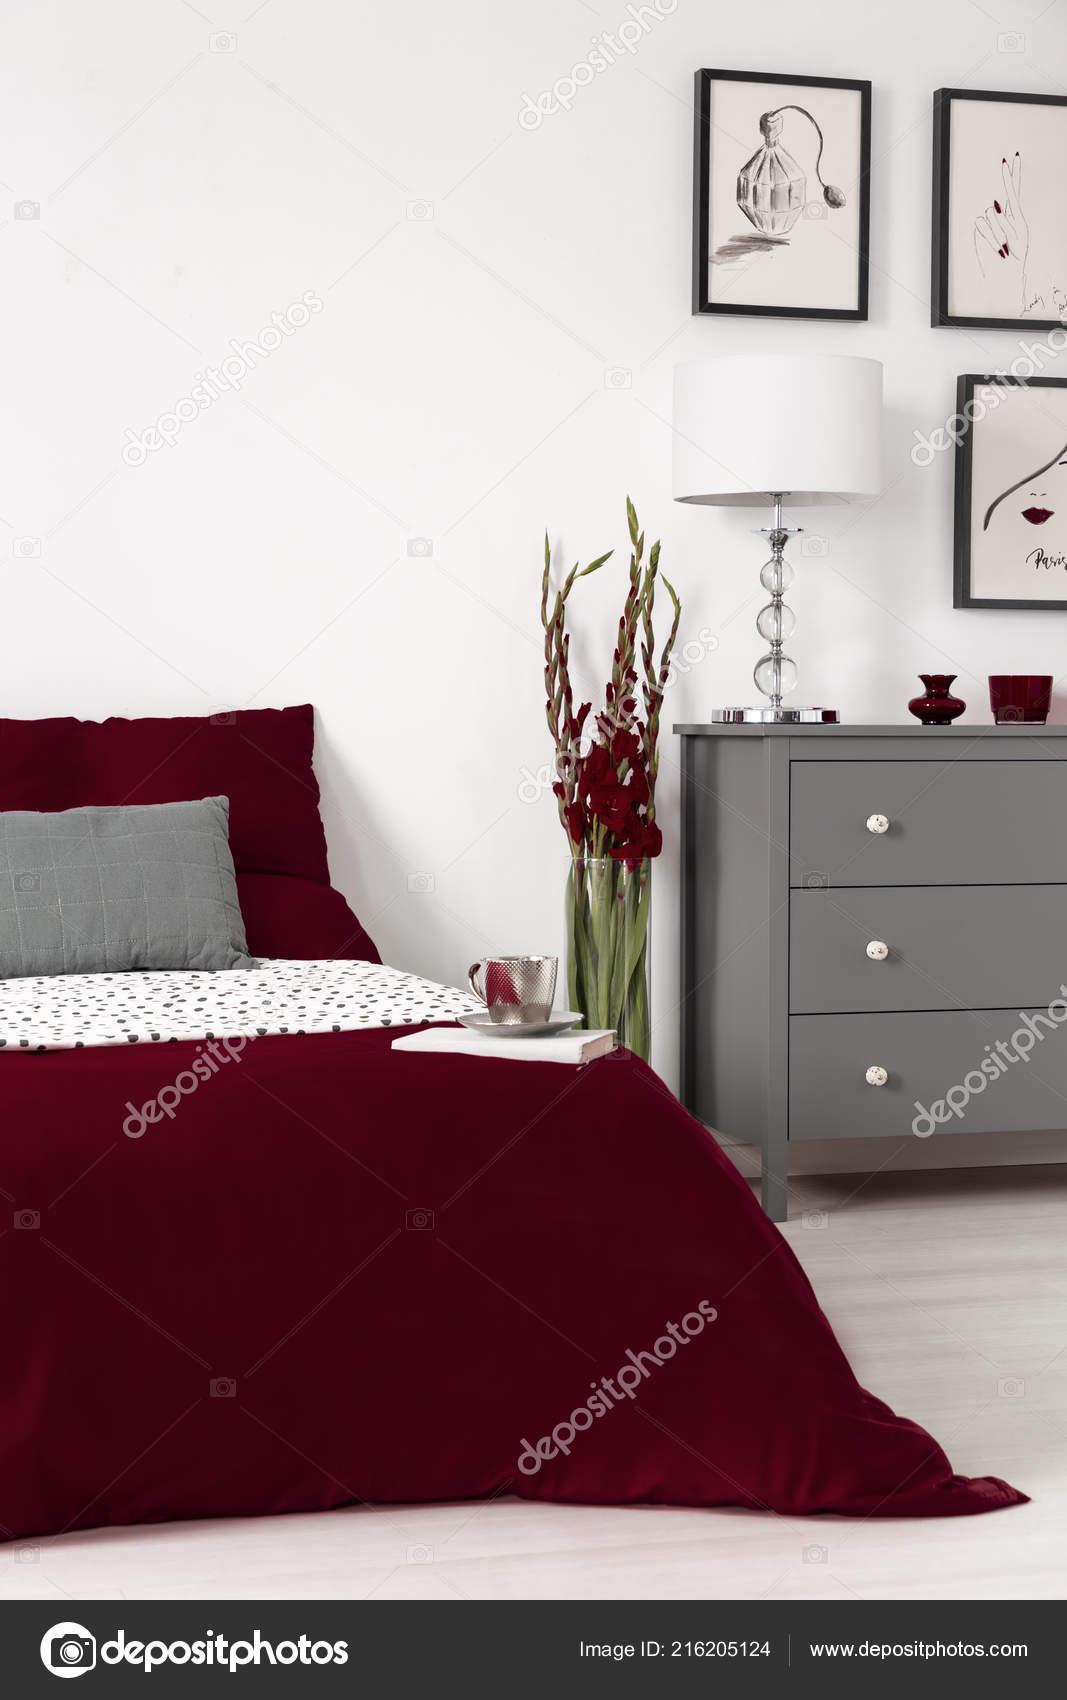 photo réelle intérieur chambre coucher romantique avec des feuilles